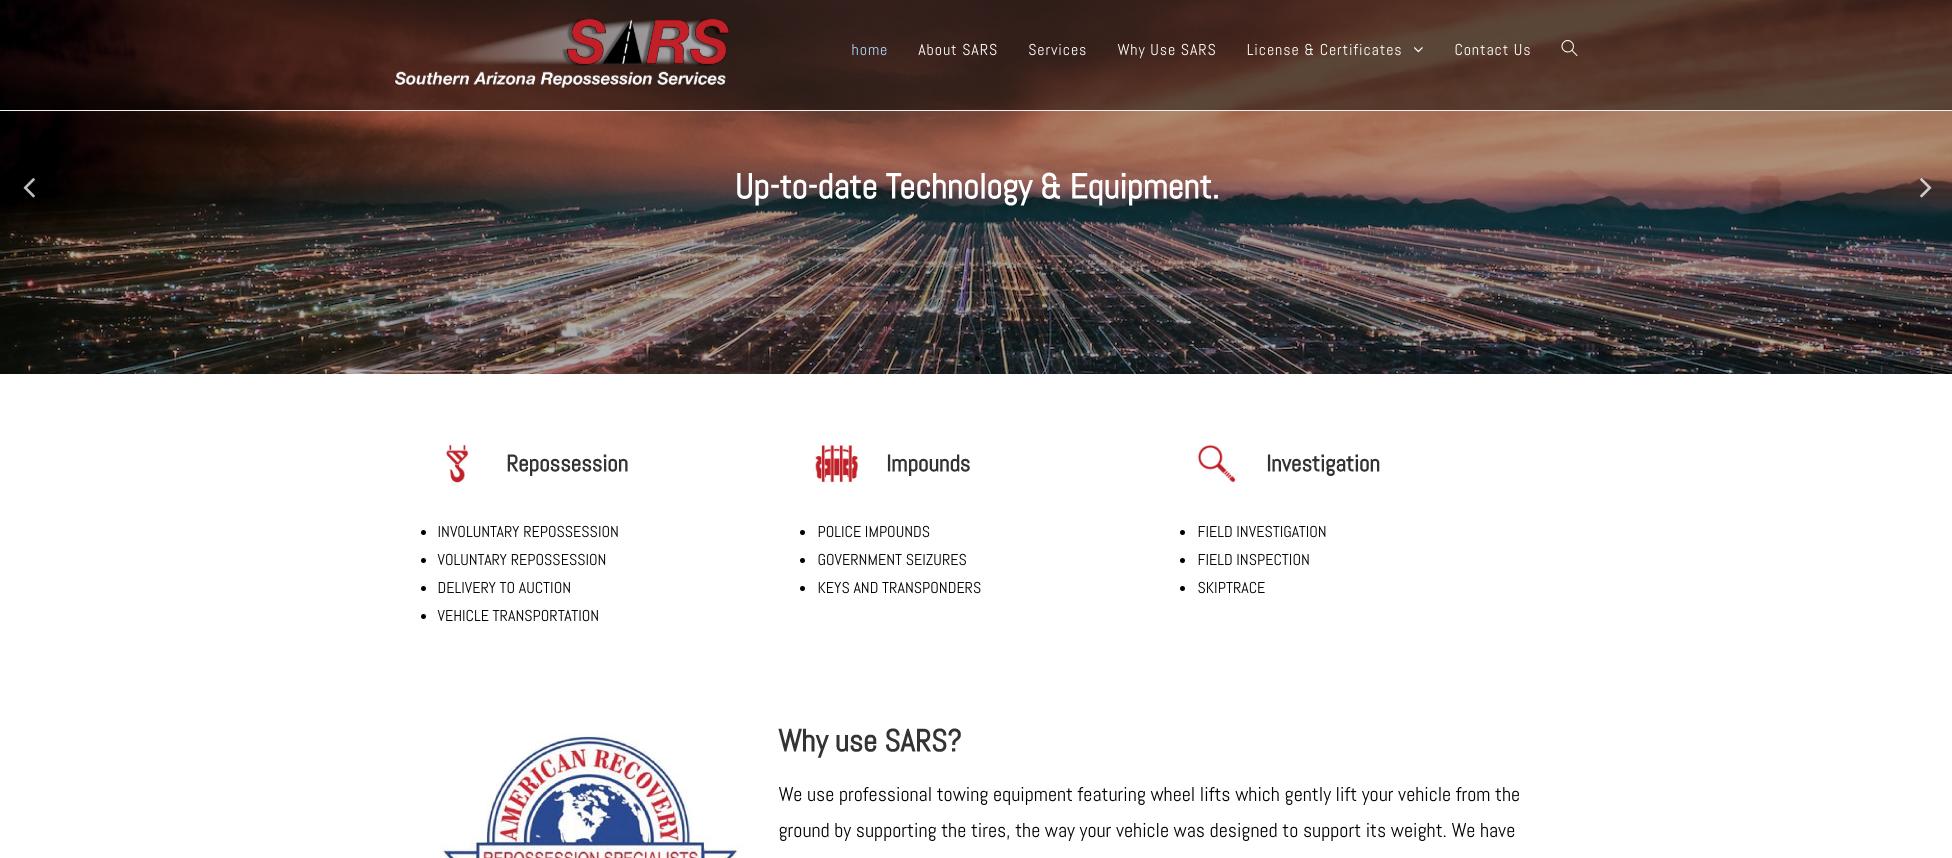 SARS repossession website